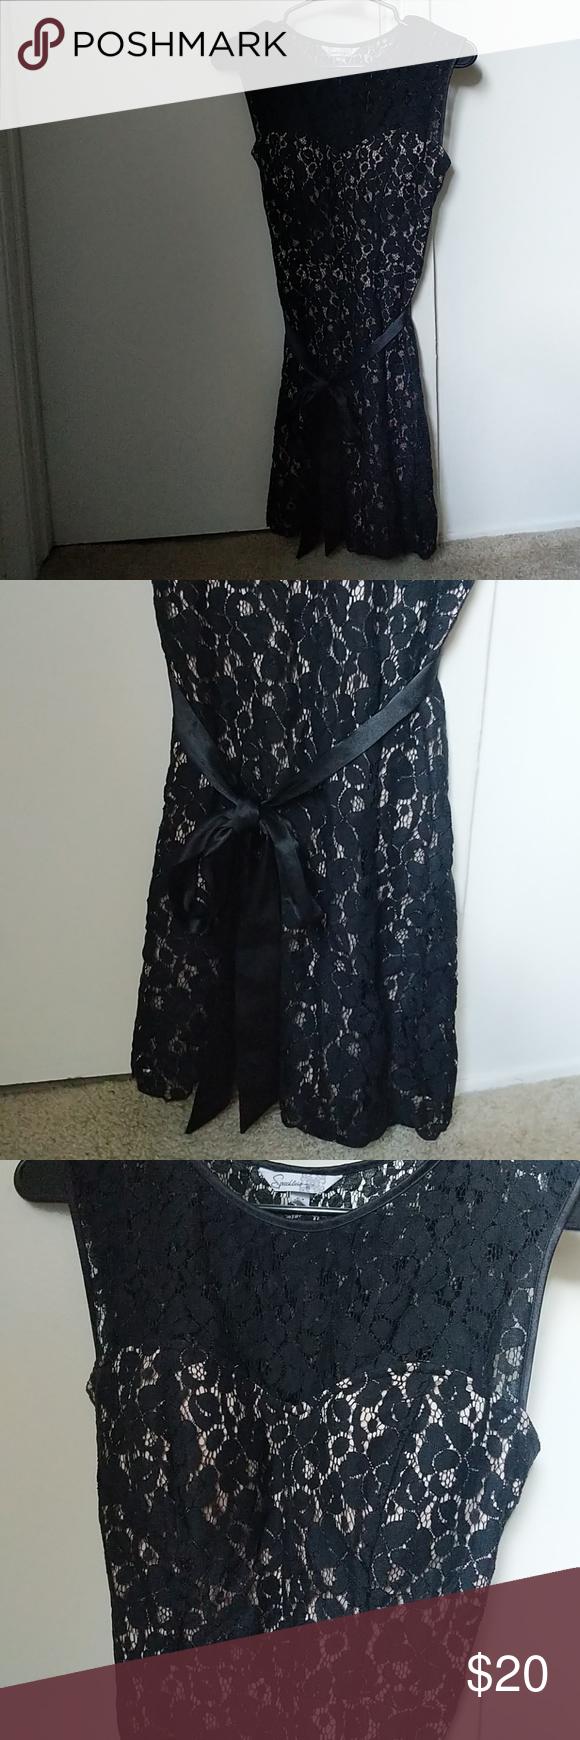 Black lace dress lace dress black black laces and lace dress